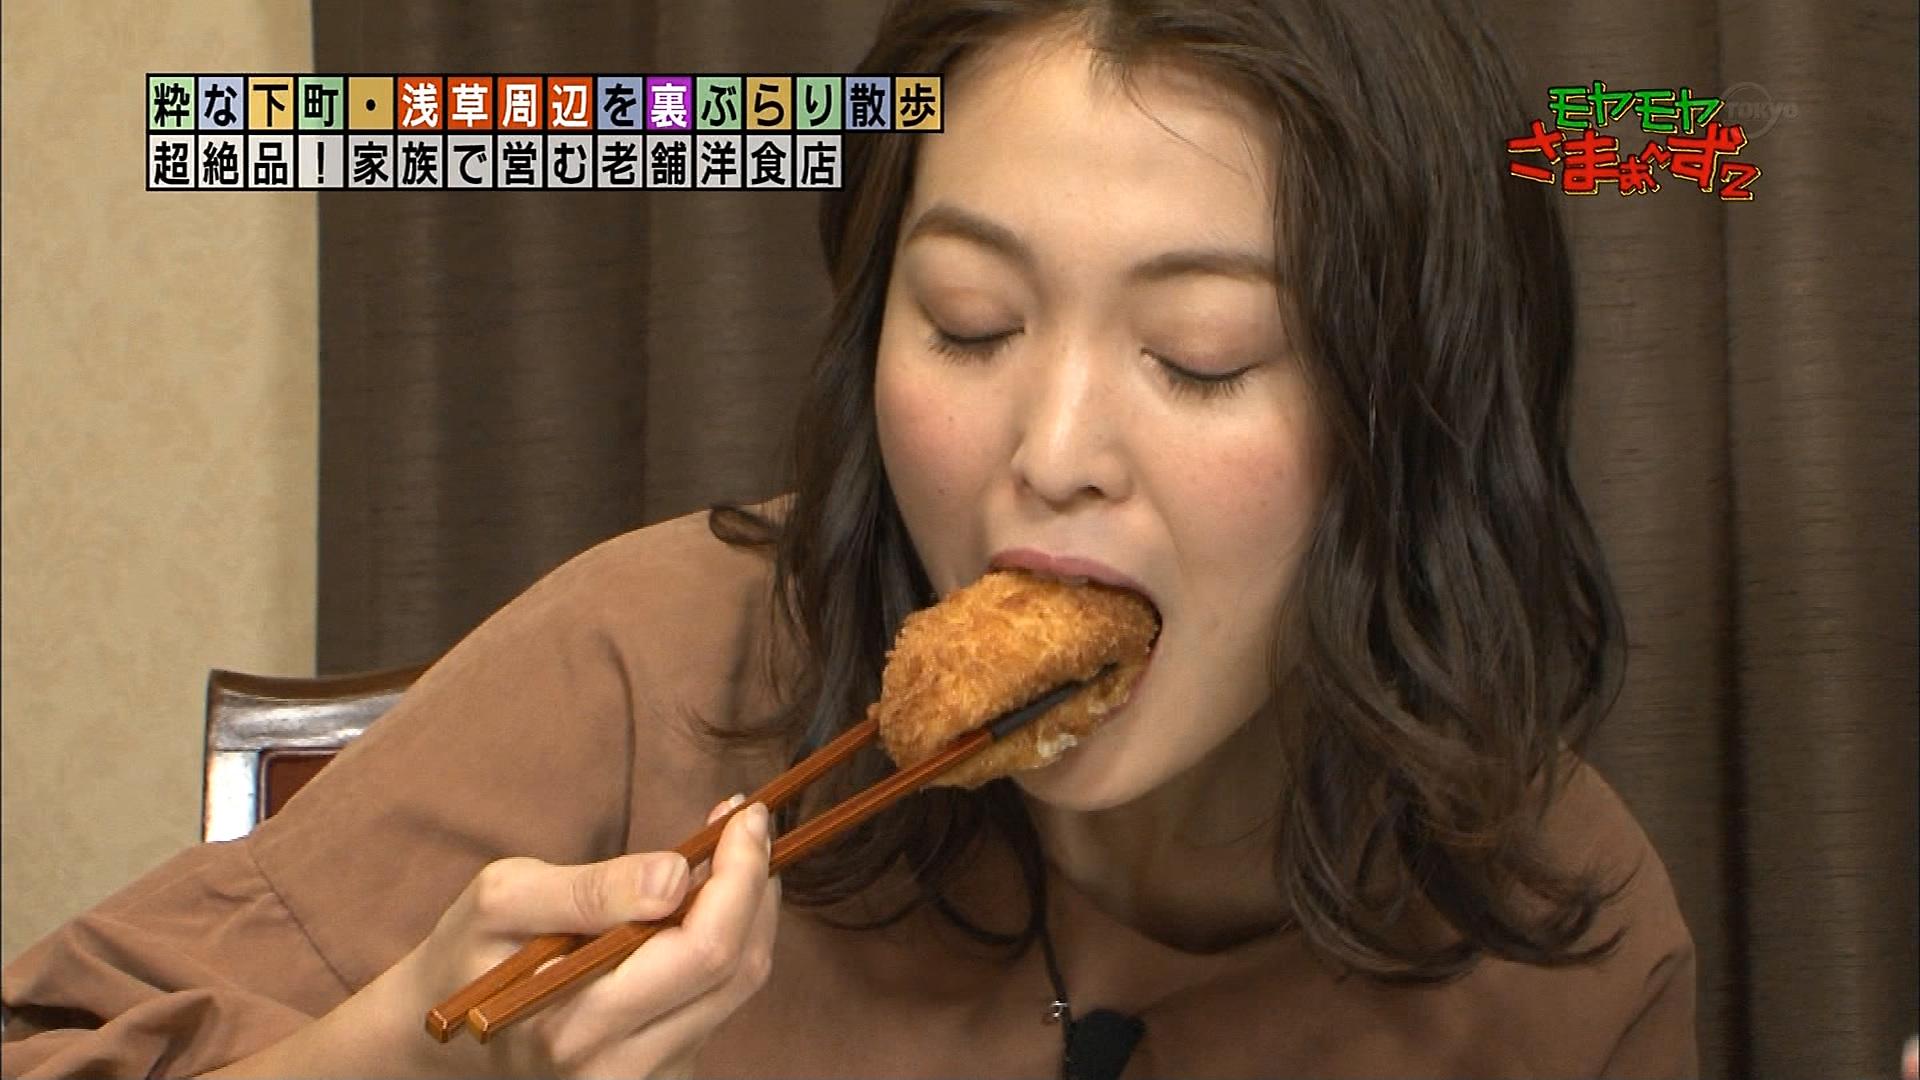 2019年1月13日テレビ東京「モヤモヤさまぁ~ず2」出演・福田典子さんのテレビキャプチャー画像-006